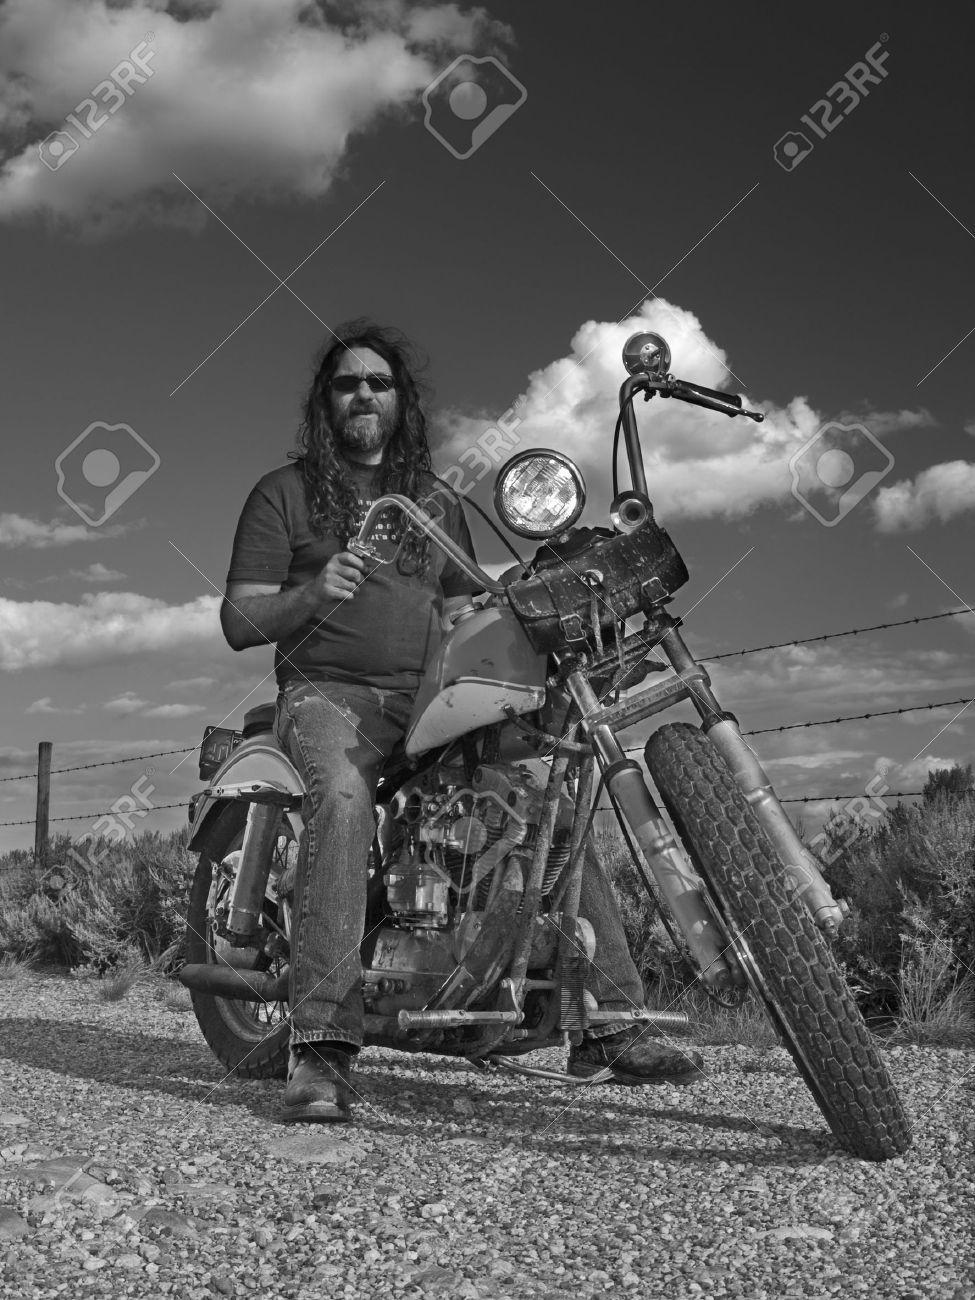 Une photo vous plait postez la ici..(Dans n'importe quel domaine) - Page 6 7315780-Aux-longs-cheveux-biker-sur-une-vieille-moto-classique-partiellement-maison-construite-American-Banque-d'images